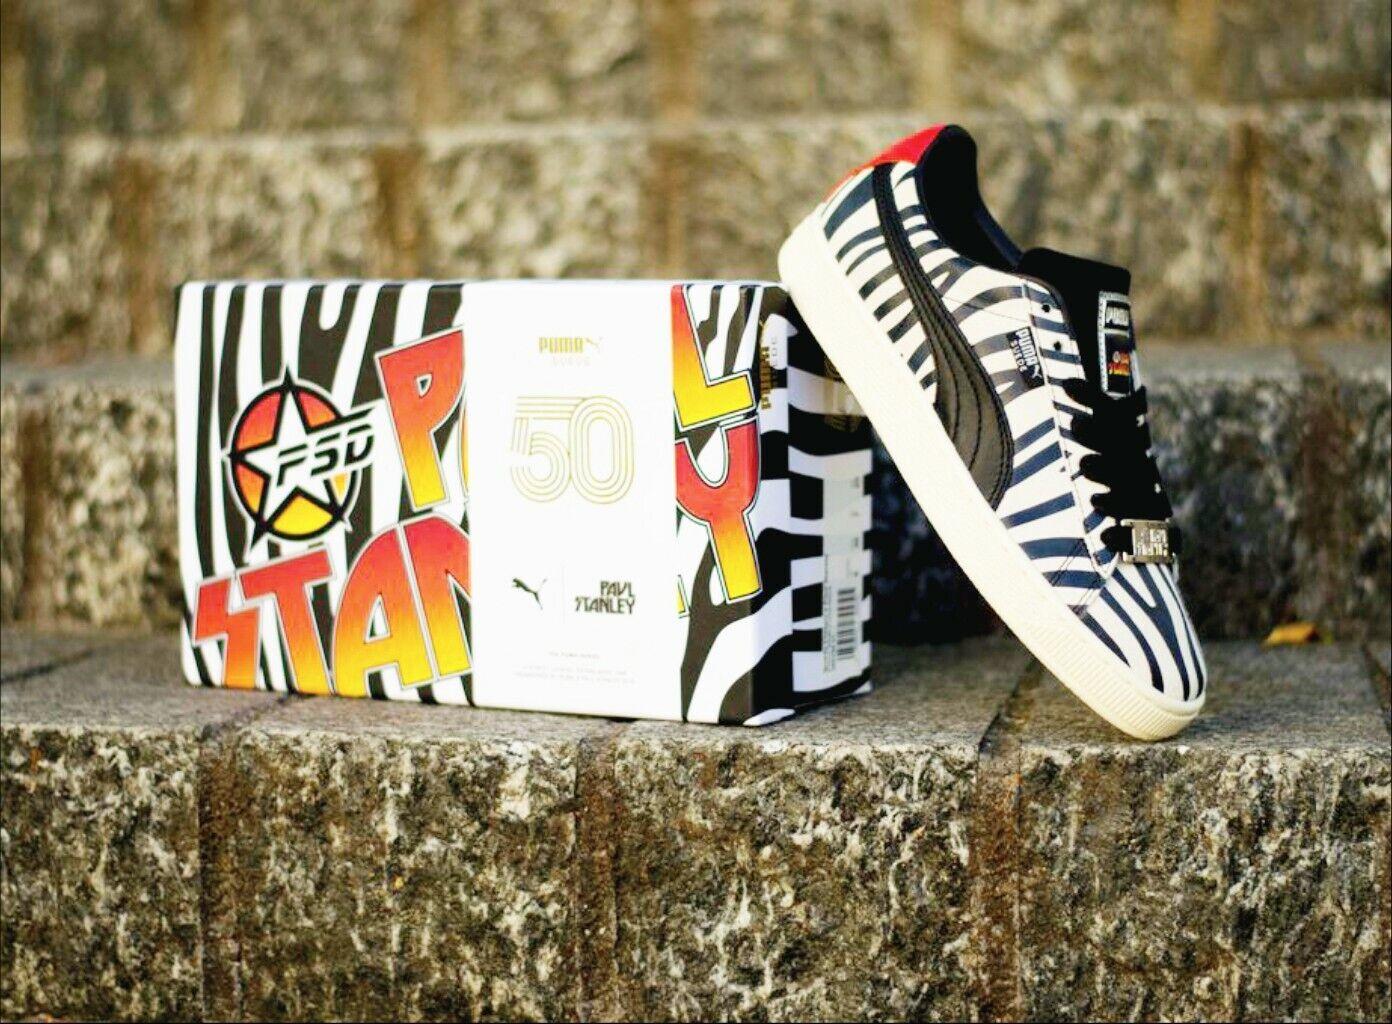 Pièce de collection rare Paul Stanley x Puma Daim Zebra baskets Taille 10 hommes vintage